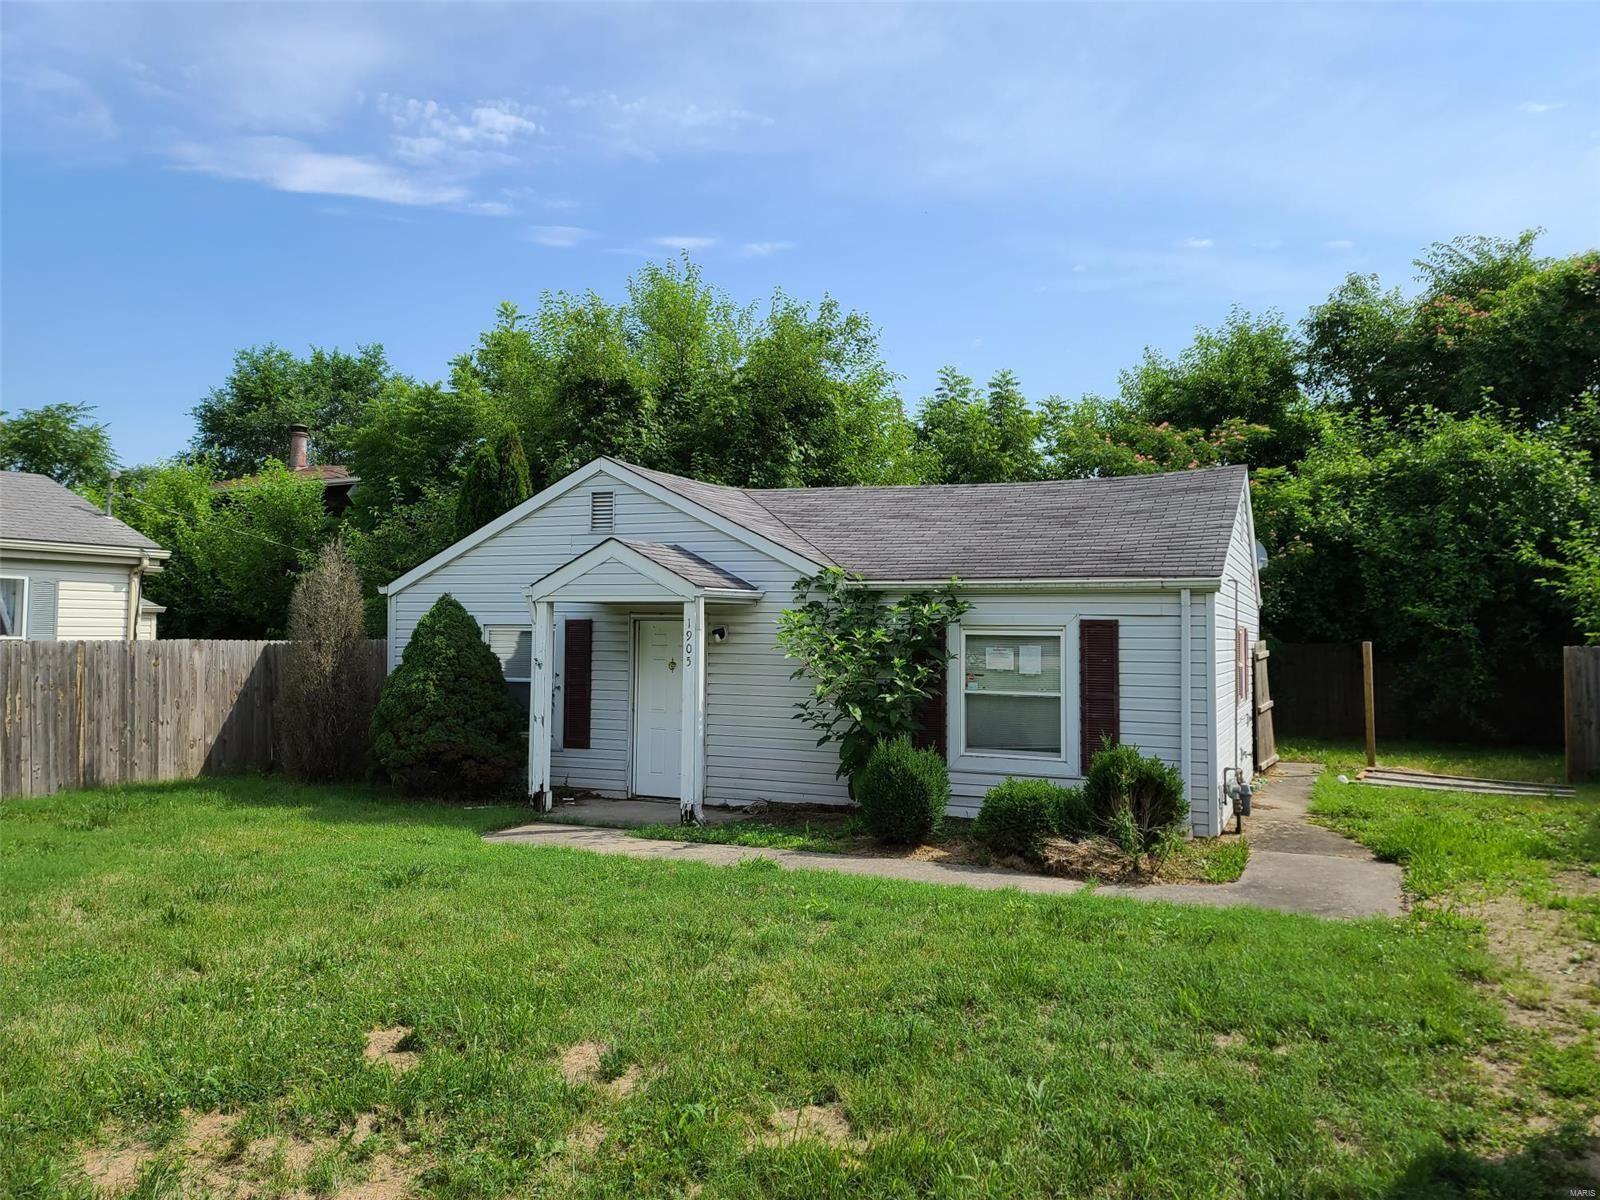 1905 Doris Avenue, Cahokia, IL 62206 - MLS#: 21041851